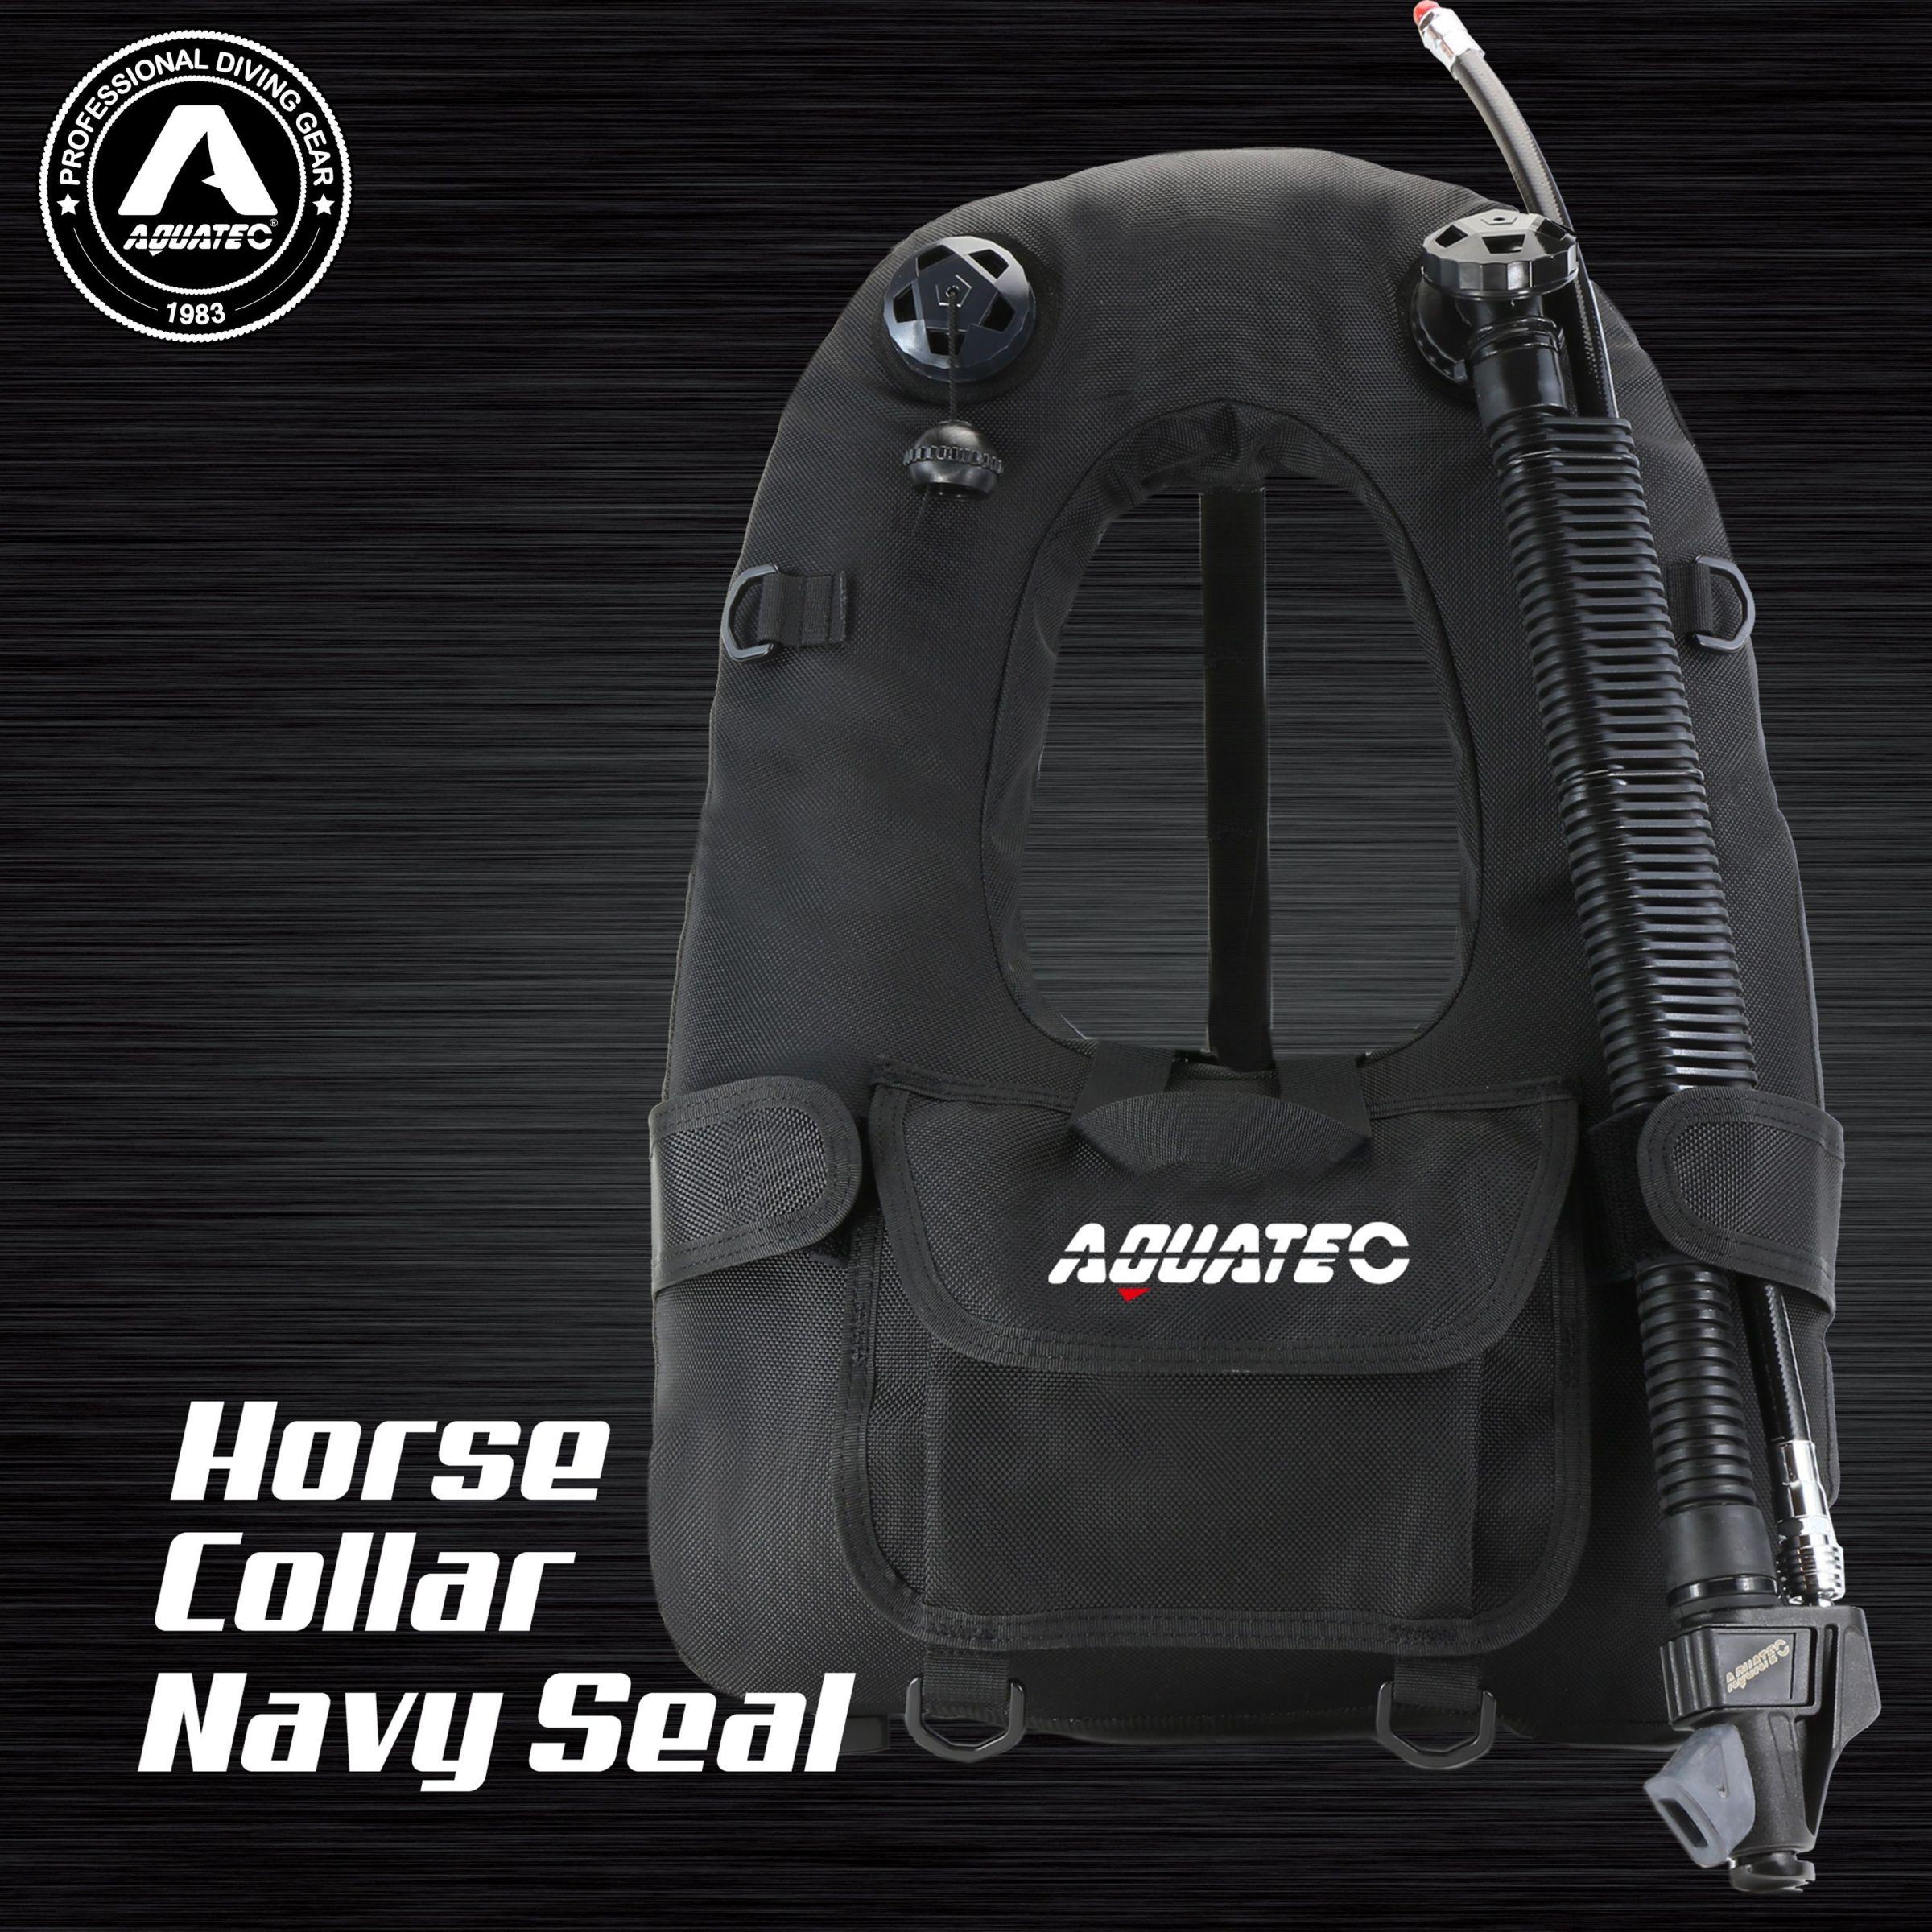 Colar de cavalo de mergulho da Marinha BCD - Colarinho da Marinha bcd